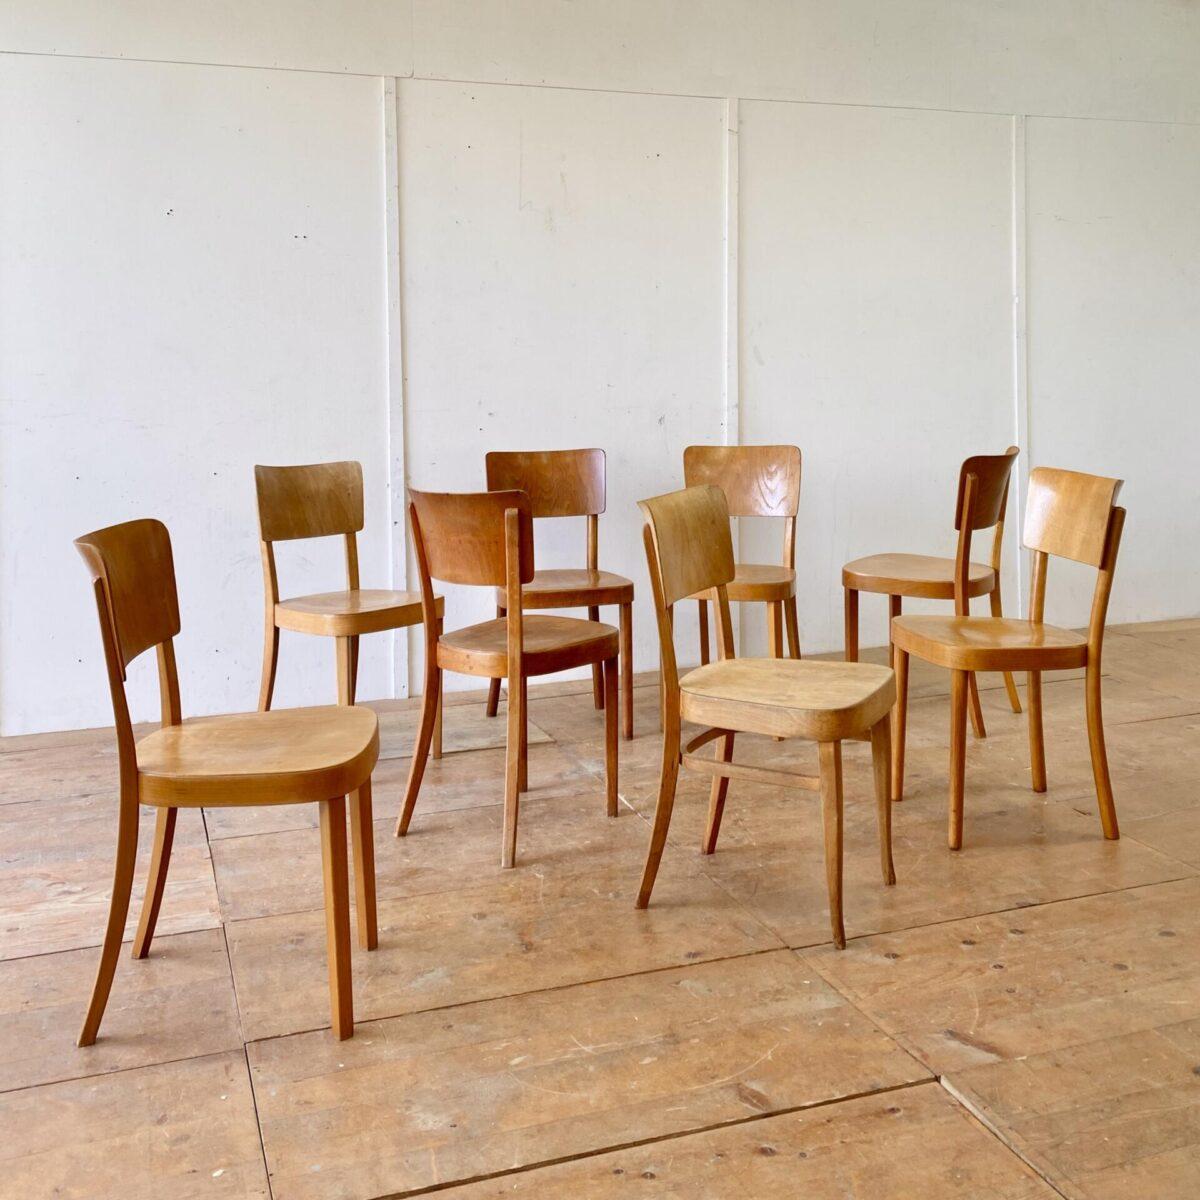 Deuxieme.shop Beizenstühle Horgenglarus Swiss design 30er Jahre. Verschiedene horgenglarus Stühle Modell Safran. Preis pro Stuhl. Die Stühle sind leicht überarbeitet, wacklige Vorderbeine und Sitzflächen frisch verleimt. Drei verschiedene Modelle und unterschiedlich im Farbton.